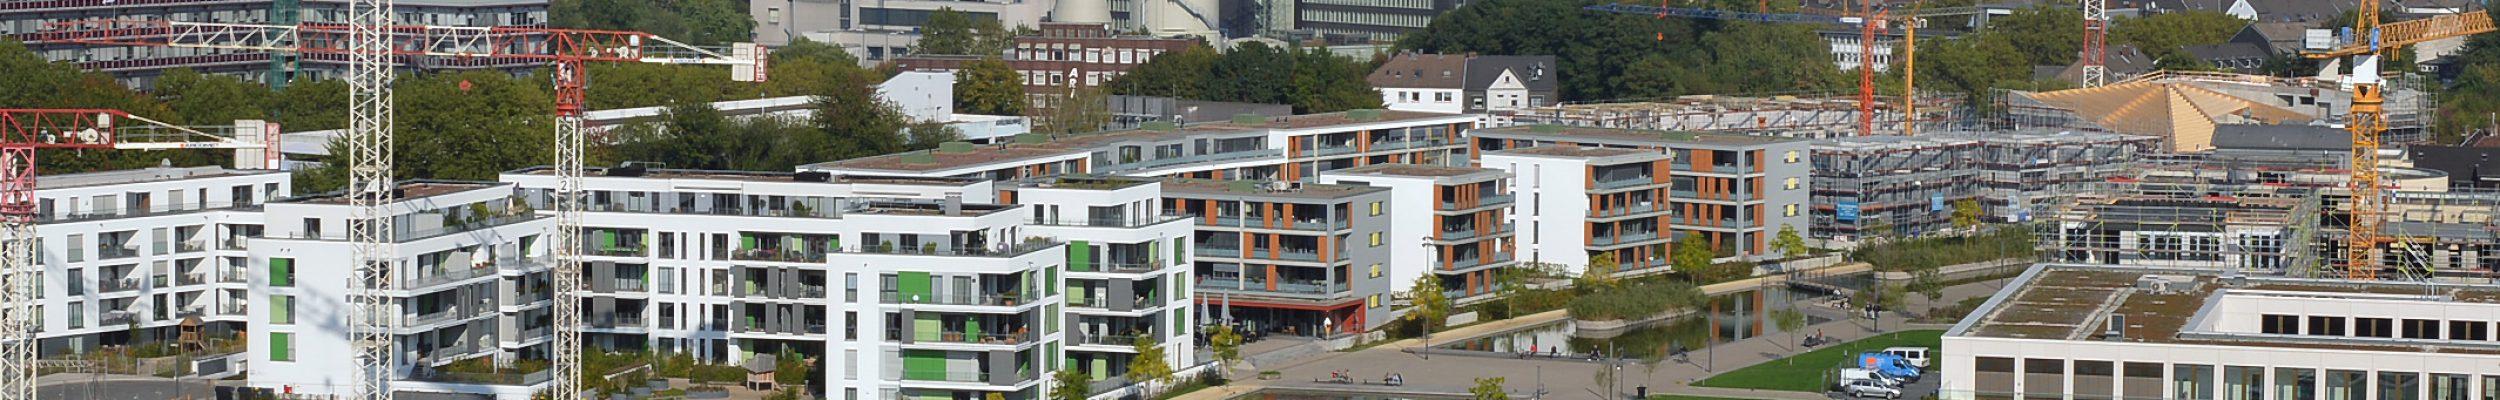 Grüne Mitte Essen, Universitätsviertel. Foto: Peter Prengel, 07. 10. 2013